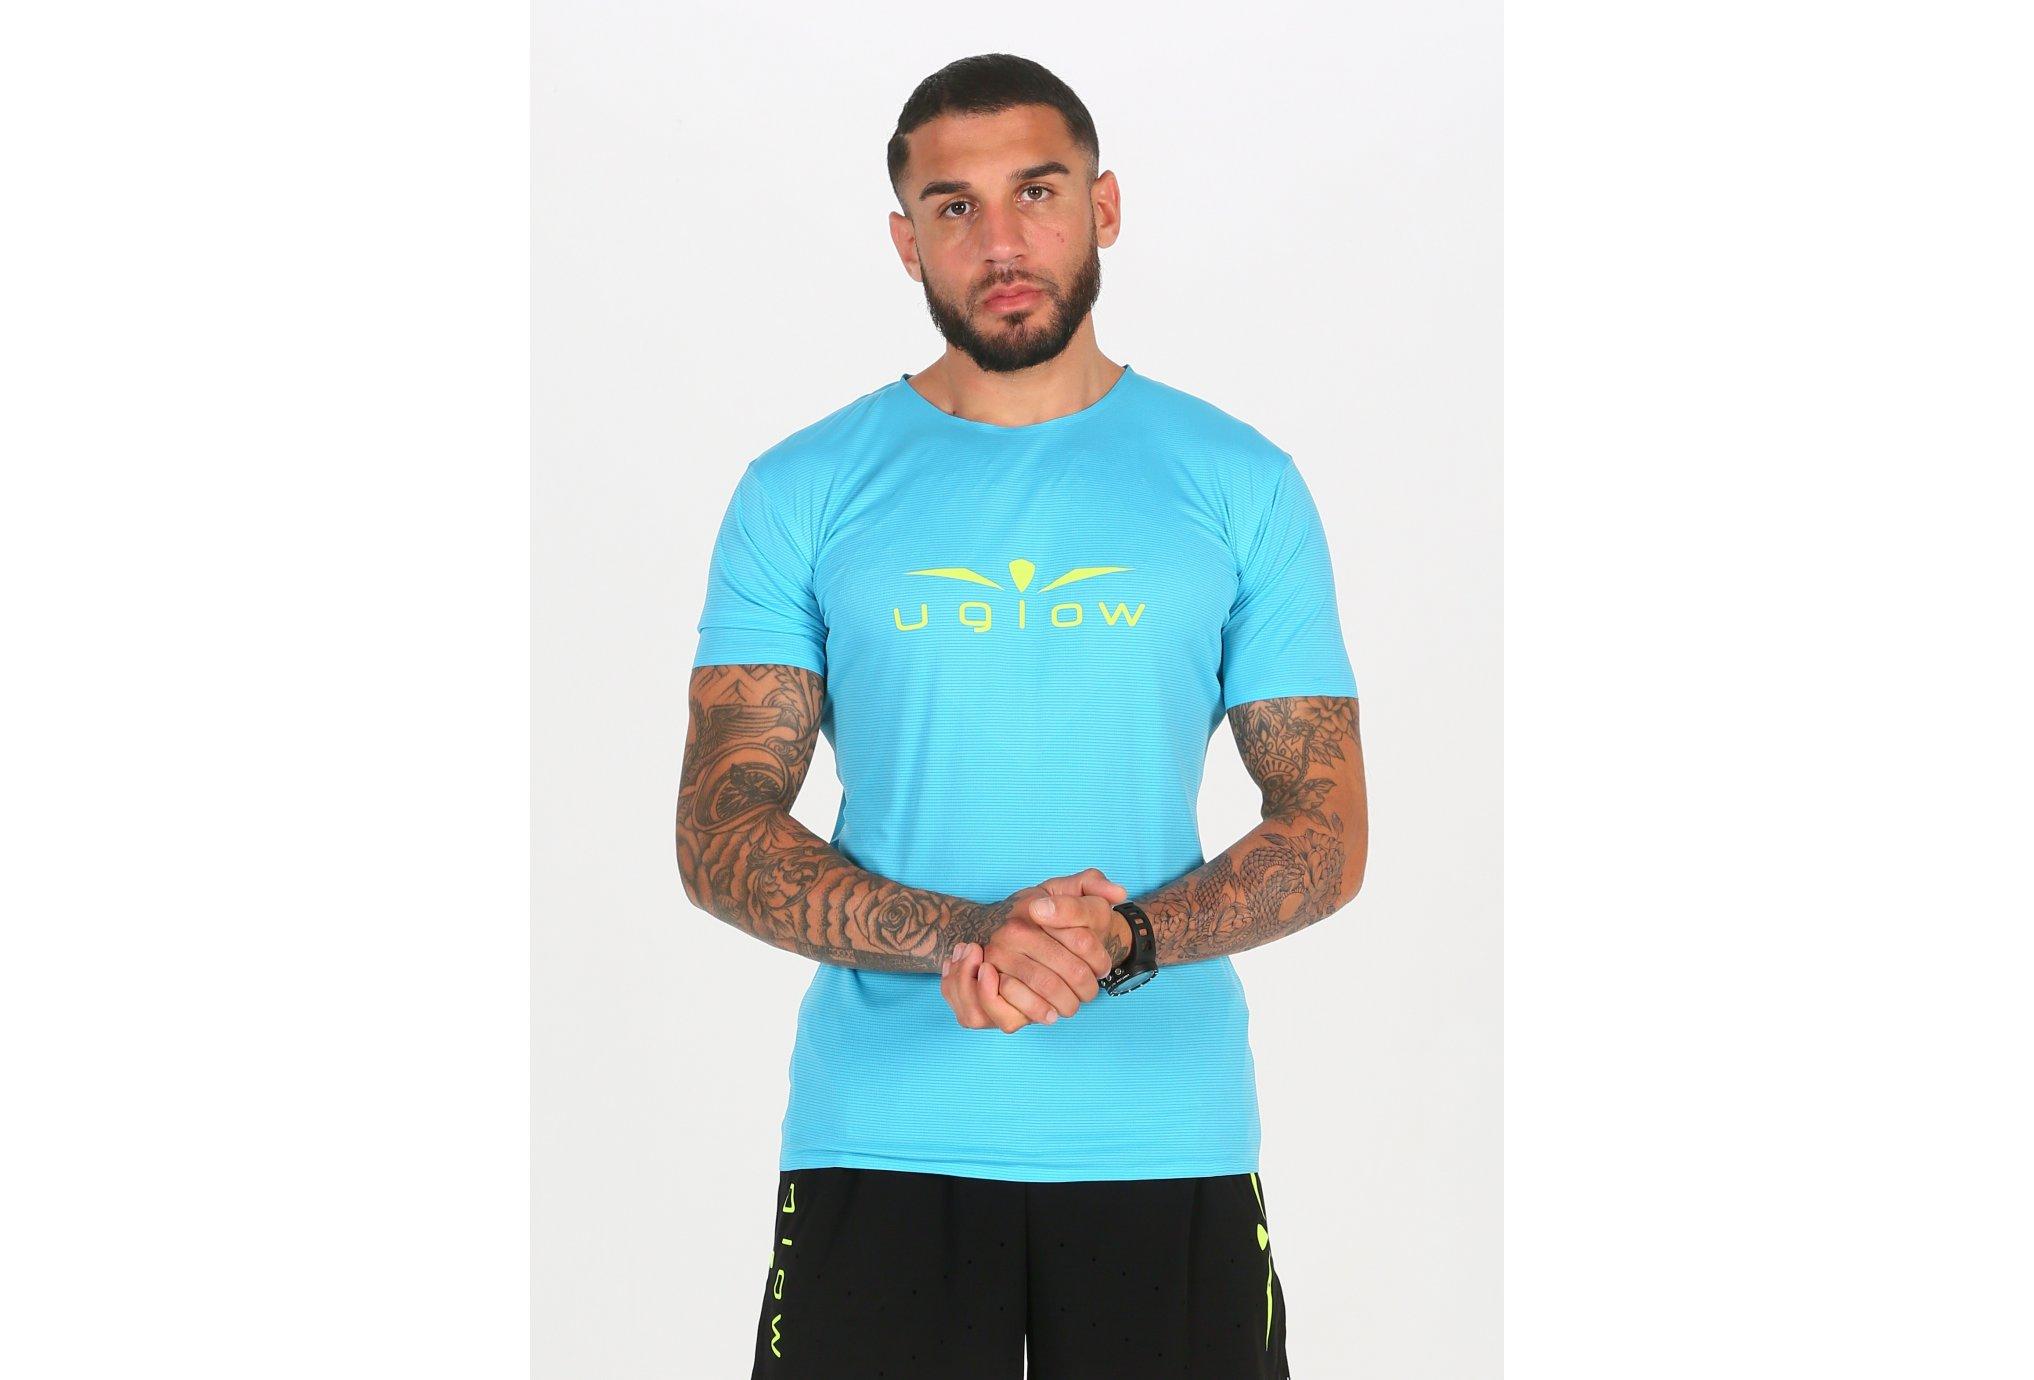 Uglow Super Light M vêtement running homme